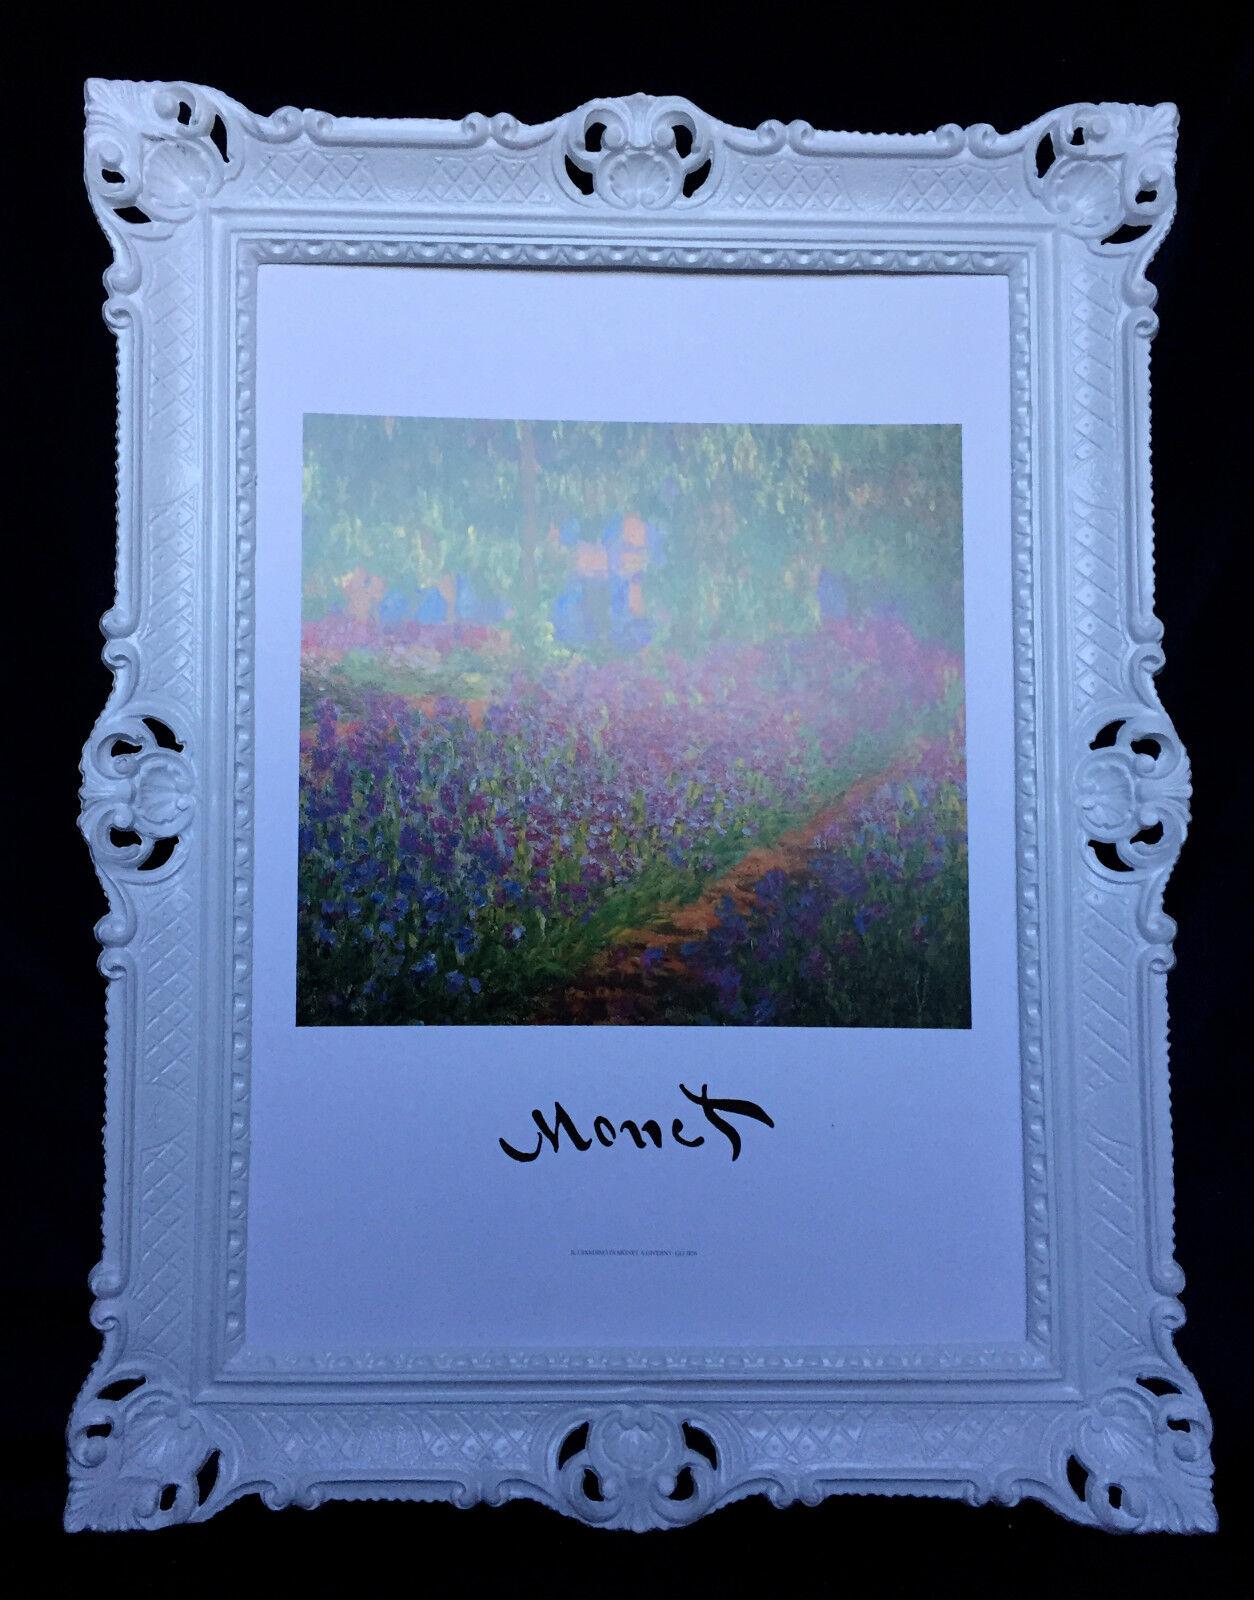 Image Claude Monet Jardin Paysage Fleurs Photo avec Cadres Blanc 90x70cm N403